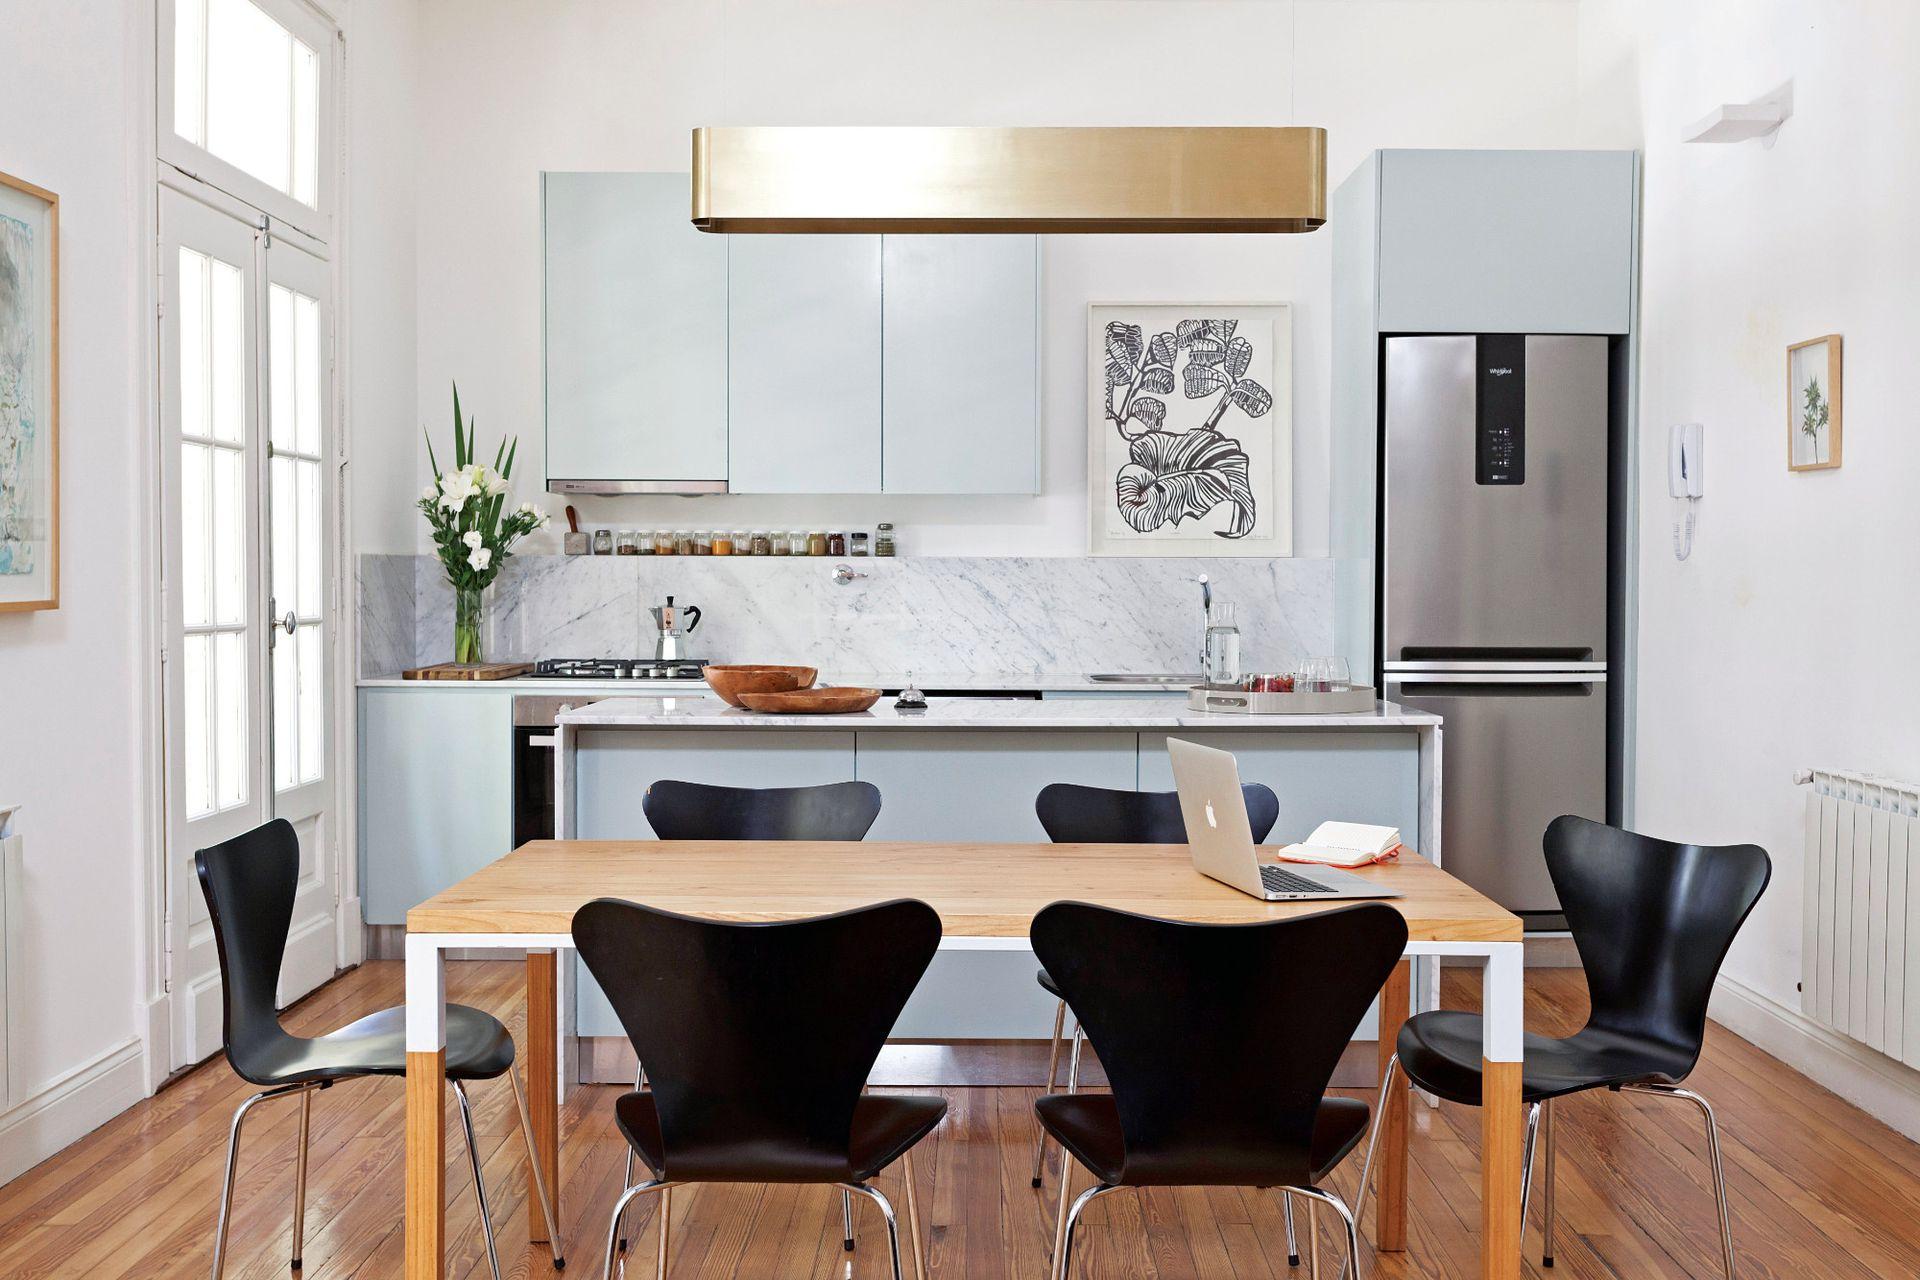 Las sillas negras estilo Jacobsen ayudan a la transición entre el living y la cocina. Sobre la mesa (Números Primos), la estilizada lámpara colgante de bronce (La Feliz) conversa con el cuadro de María Marta Fasoli (Izq.), enmarcado en madera al natural.